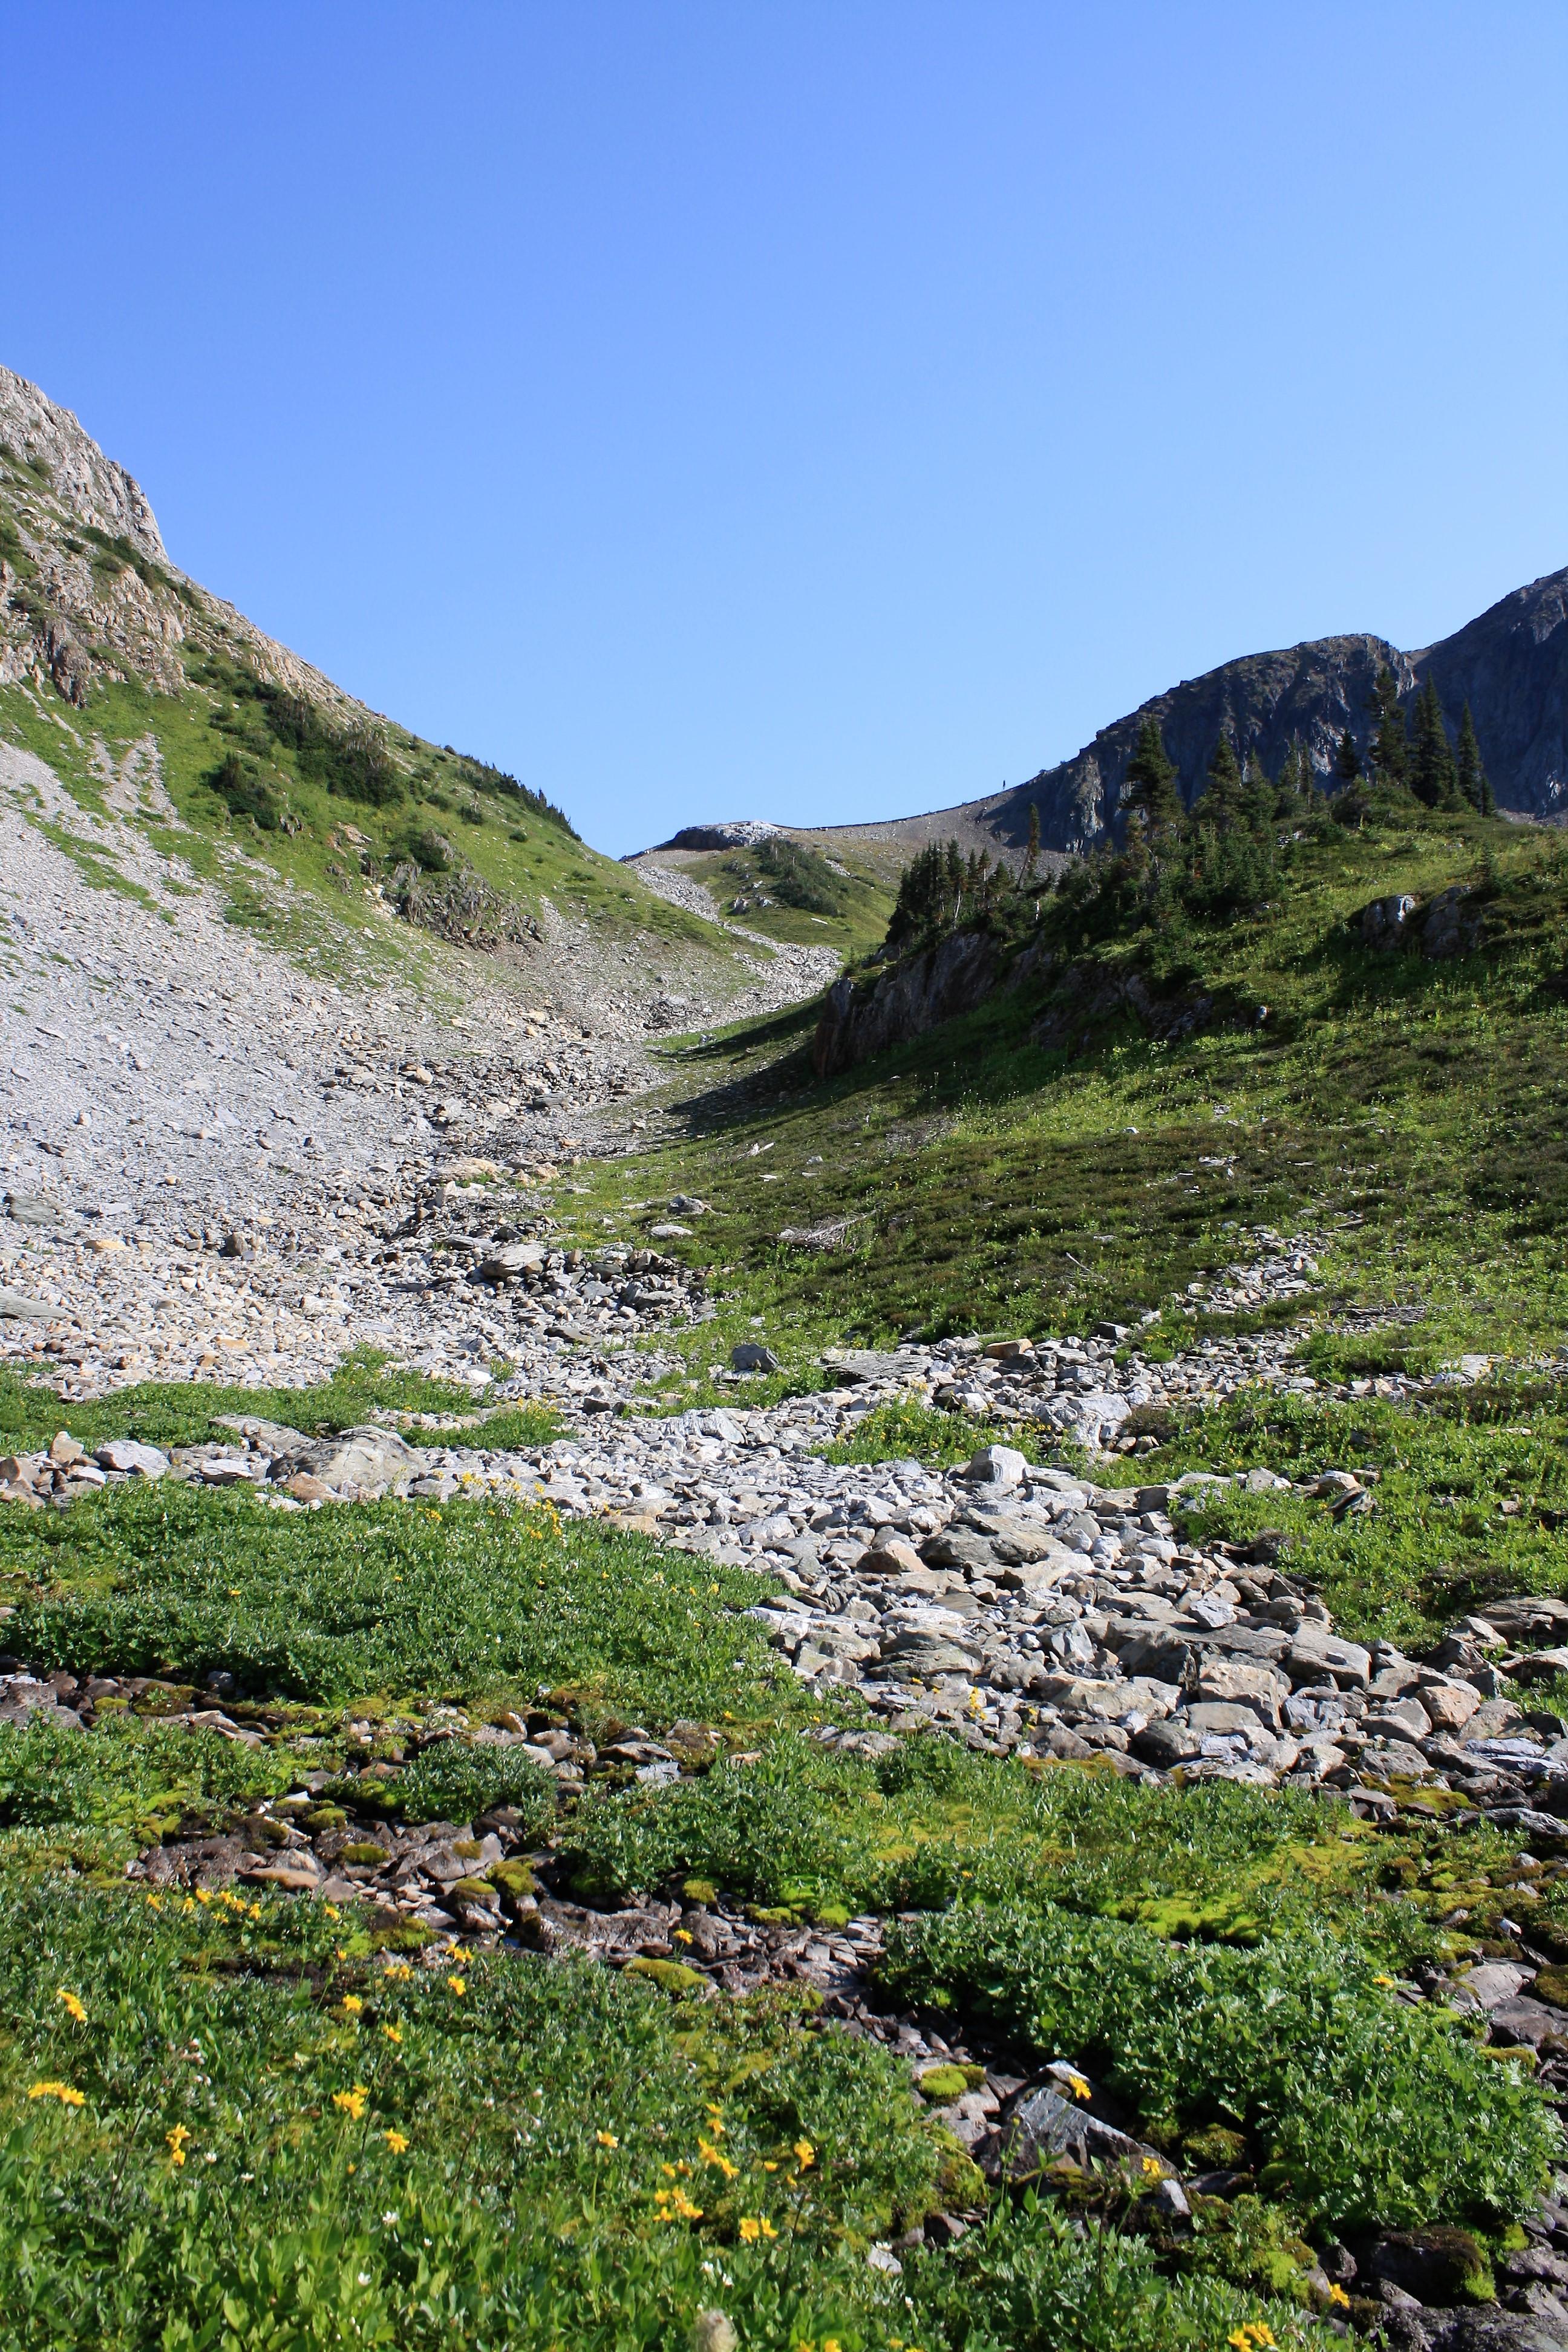 DM_nature_landscape_fangmountain_6894